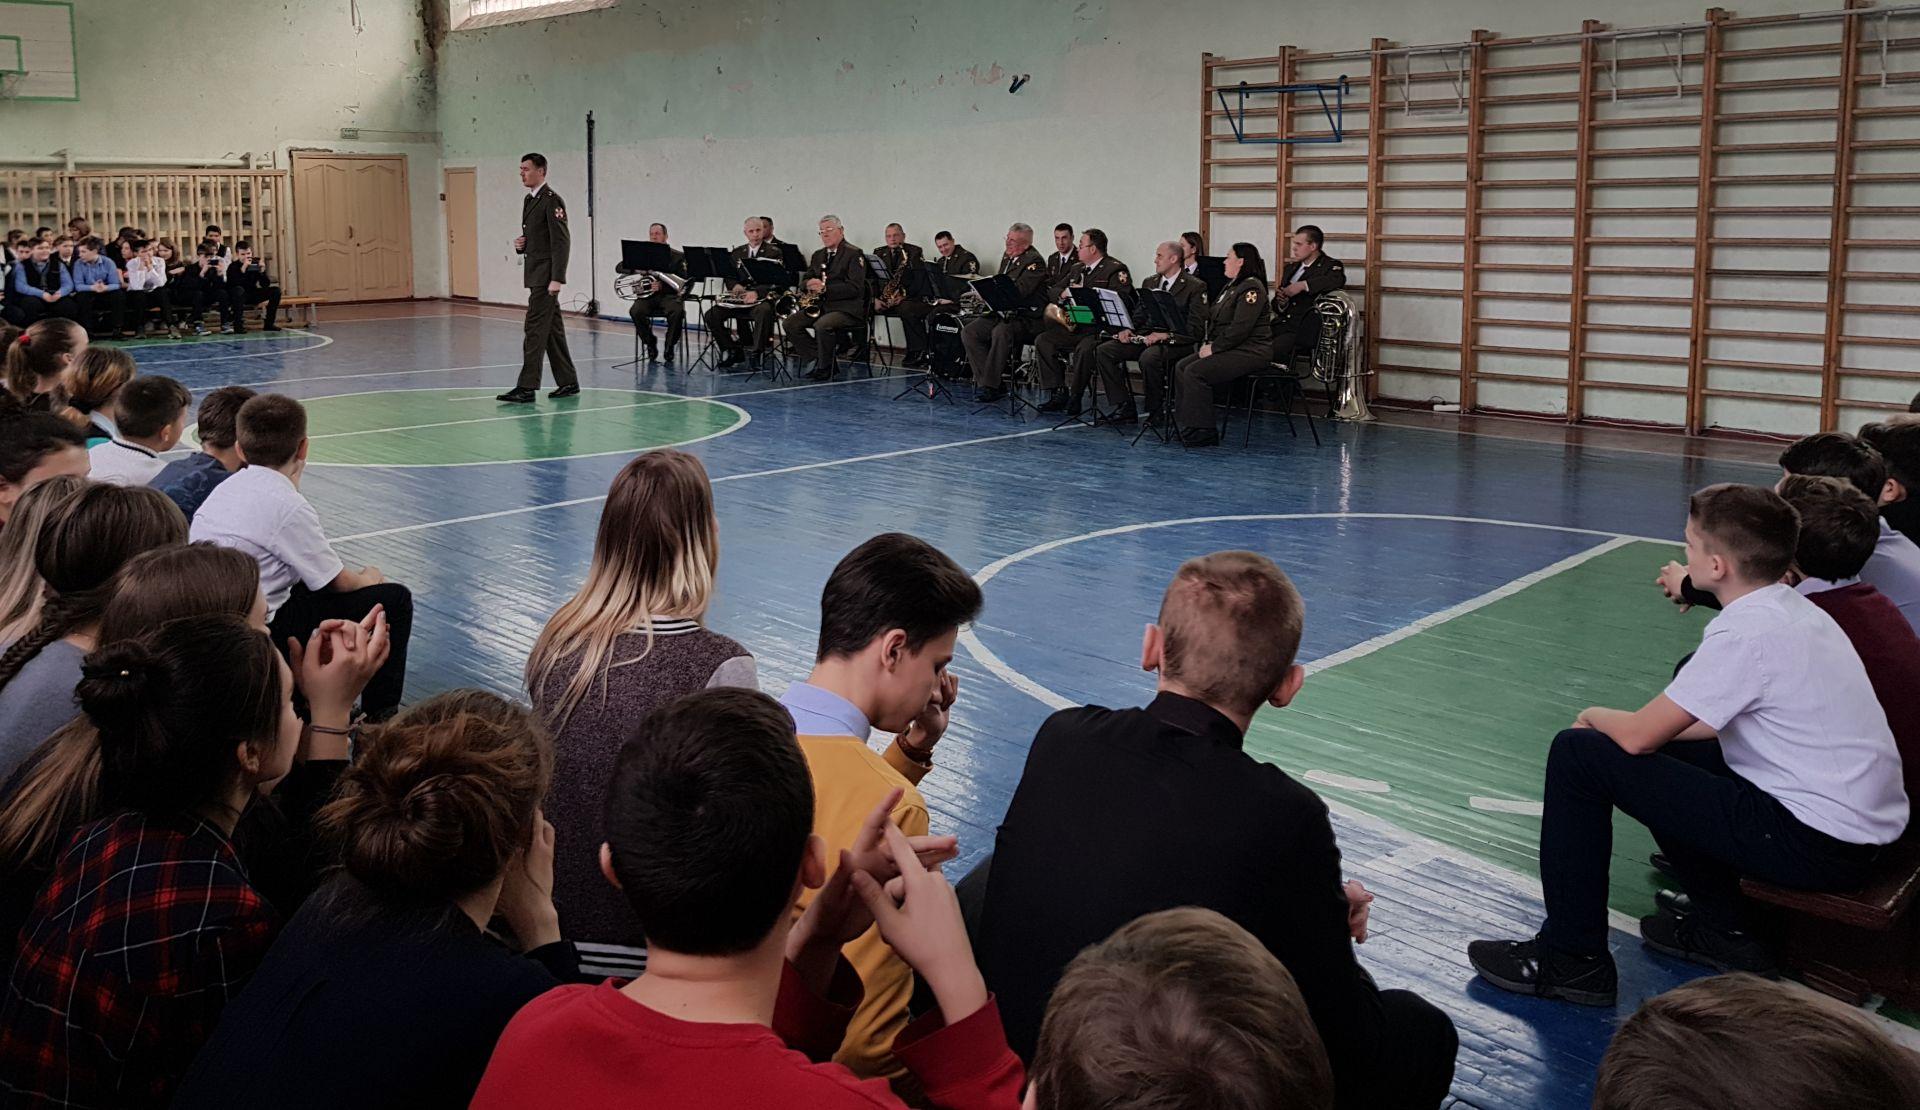 Для школьников играл военный духовой оркестр – средняя школа № 25 встречает День защитника Отечества